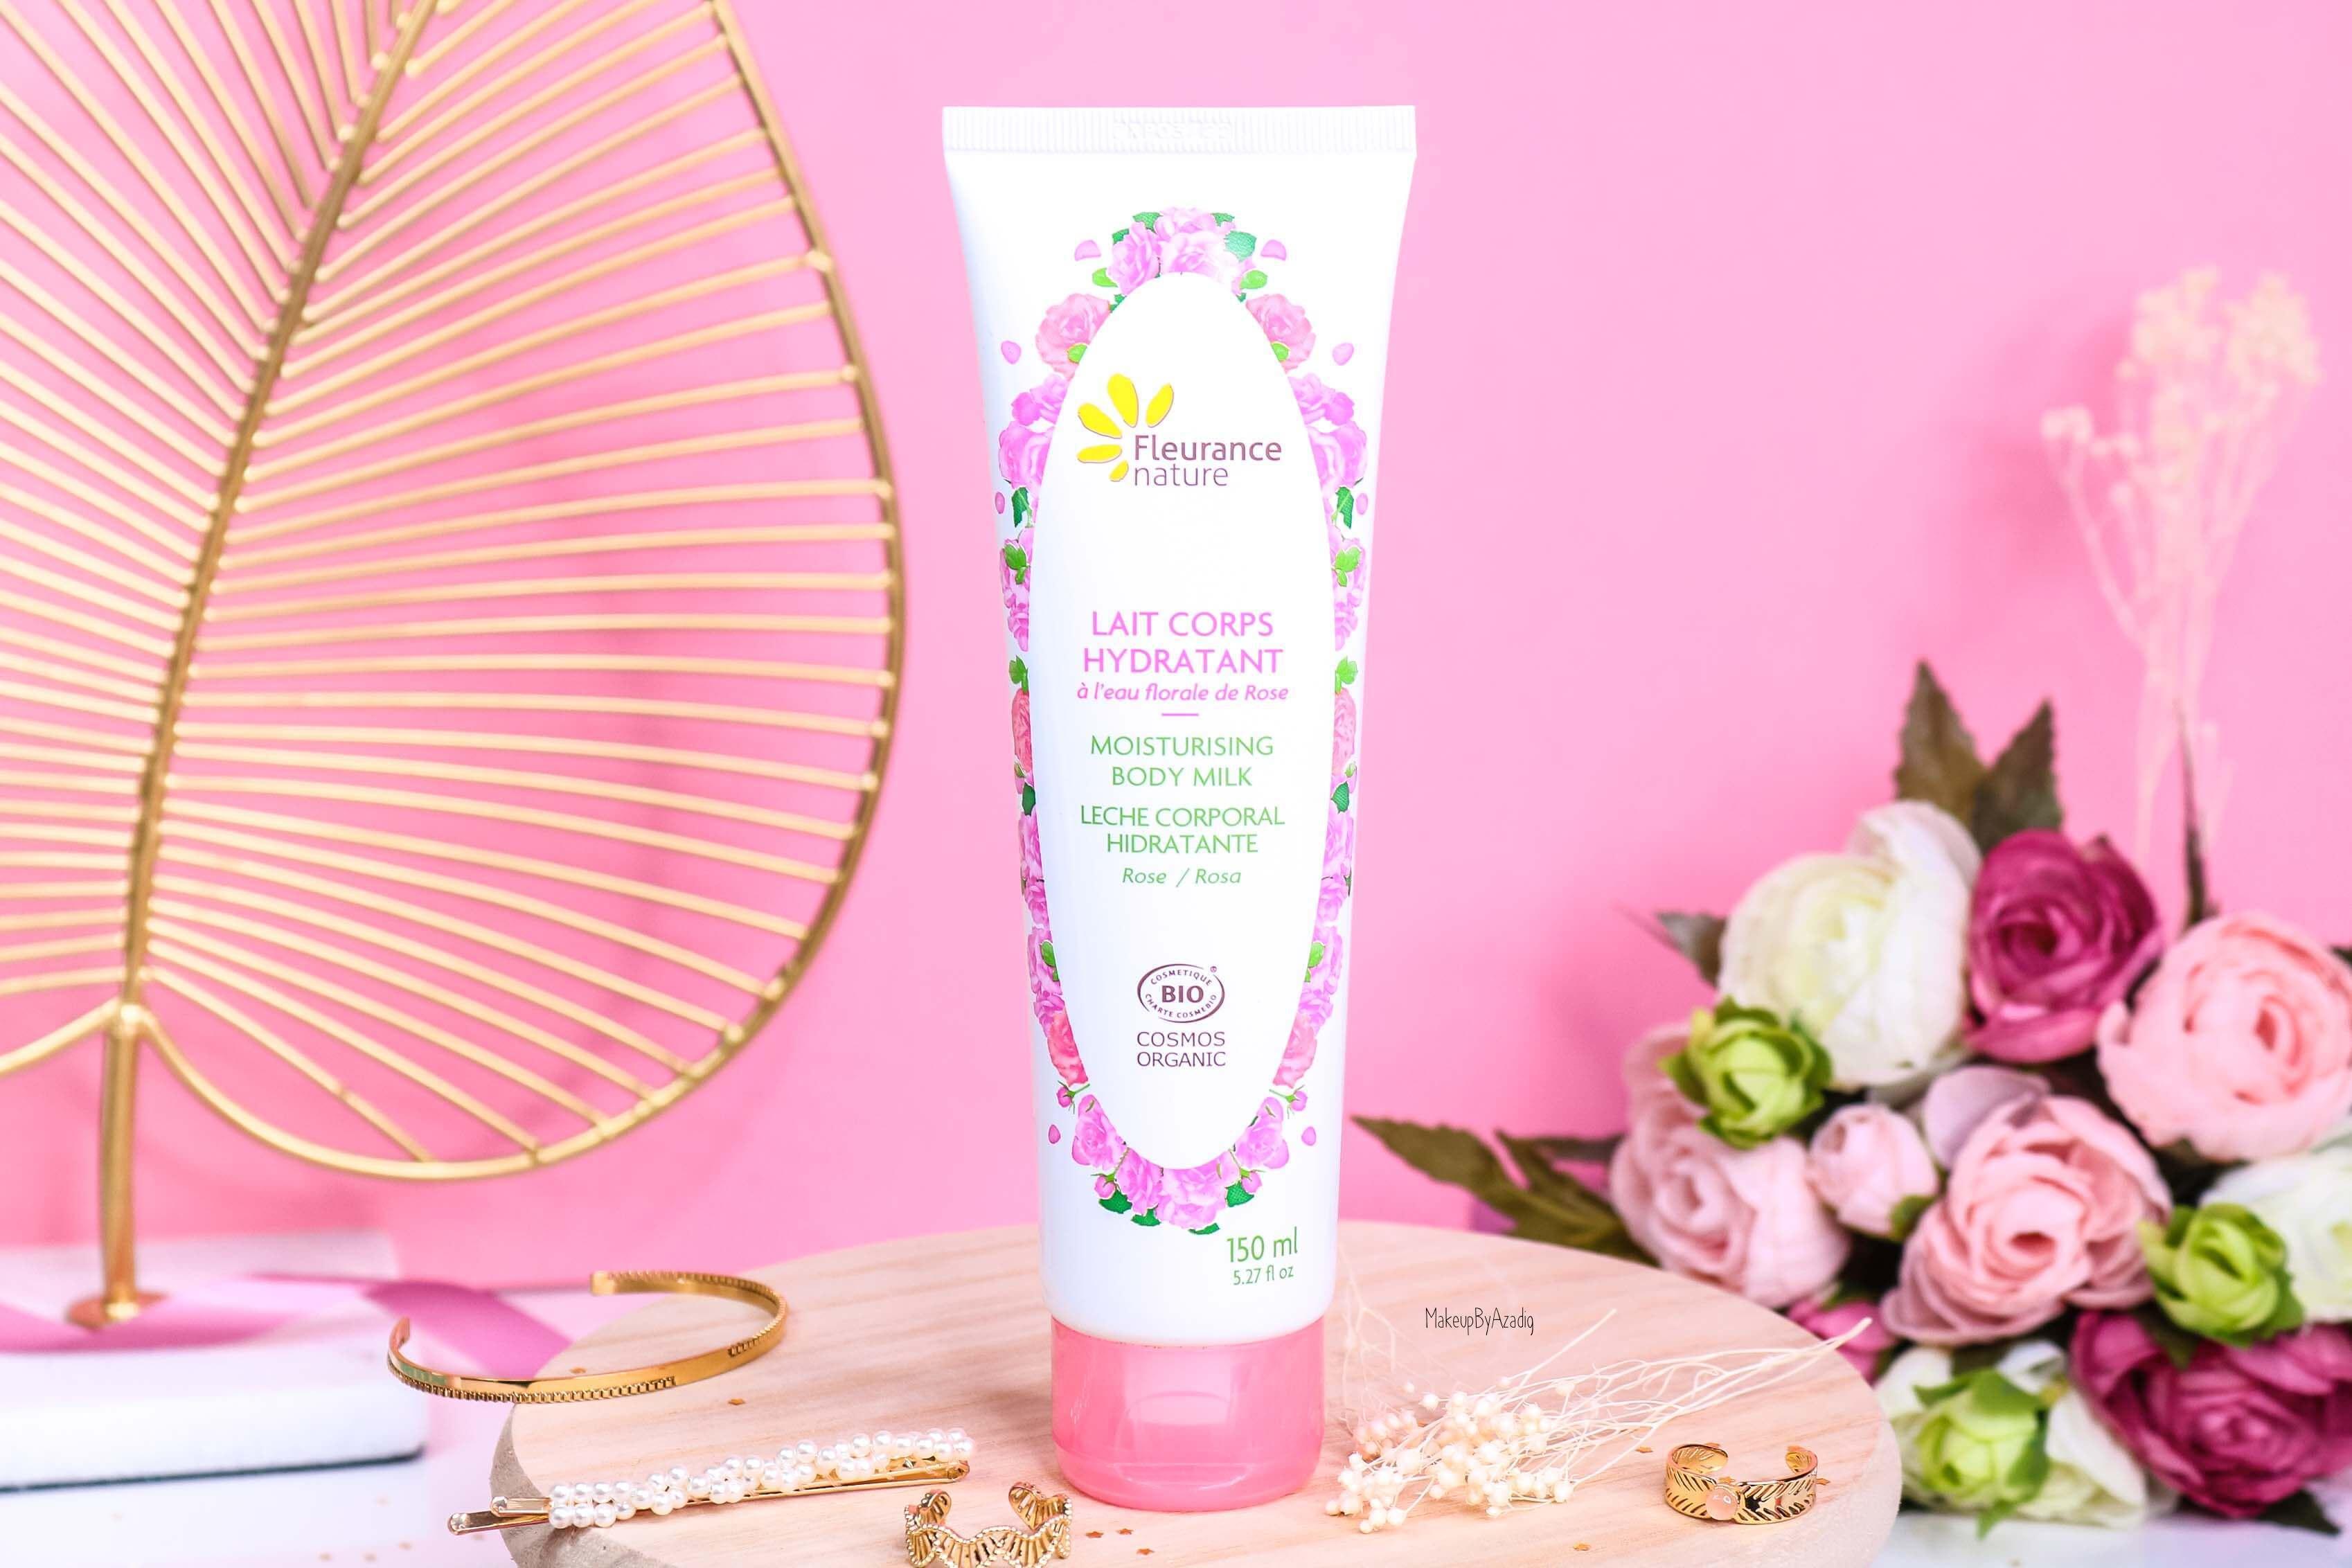 revue-produit-corps-visage-rose-fleurance-nature-hydratant-bio-cosmos-organic-avis-prix-makeupbyazadig-eau-micellaire-lait